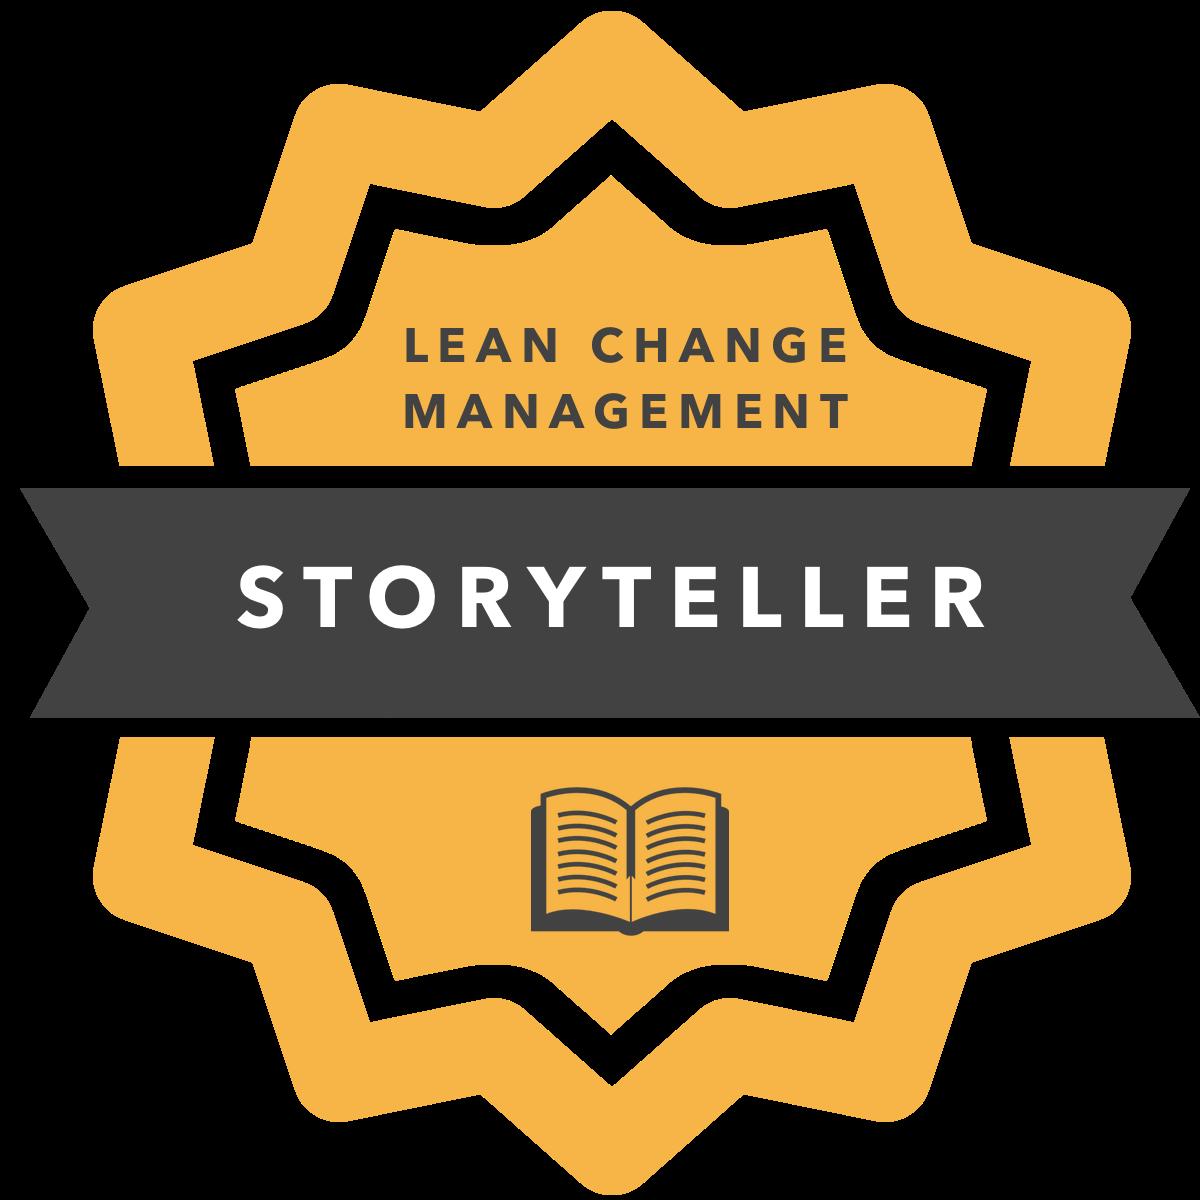 Lean Change Agent - Storyteller